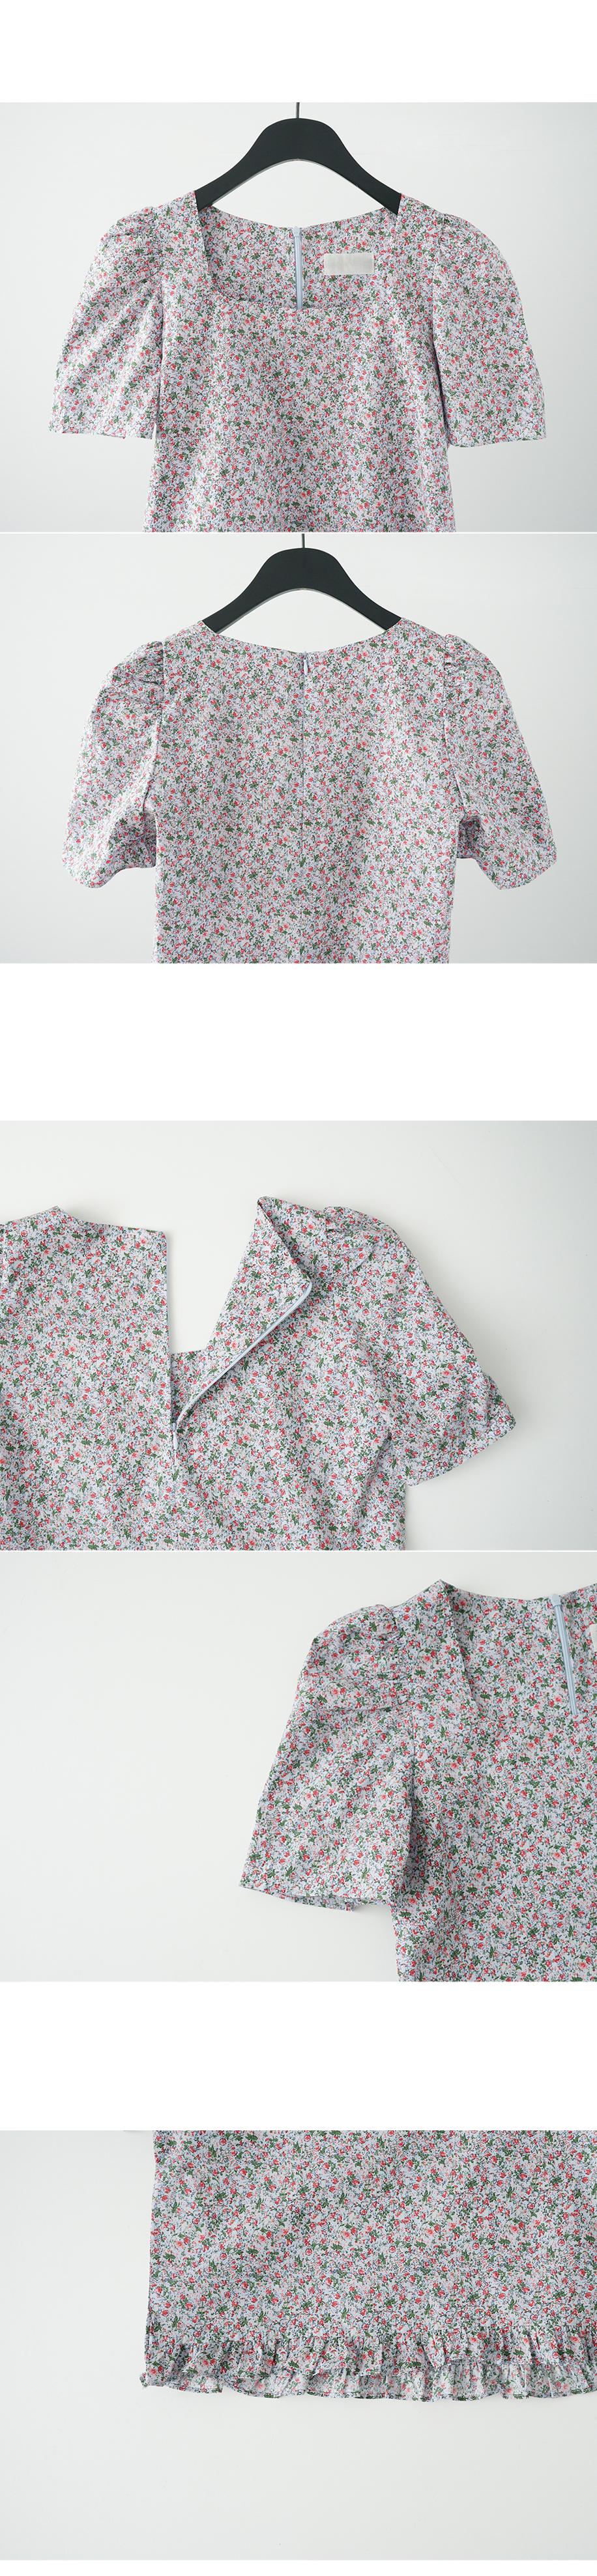 flower frill detail blouse